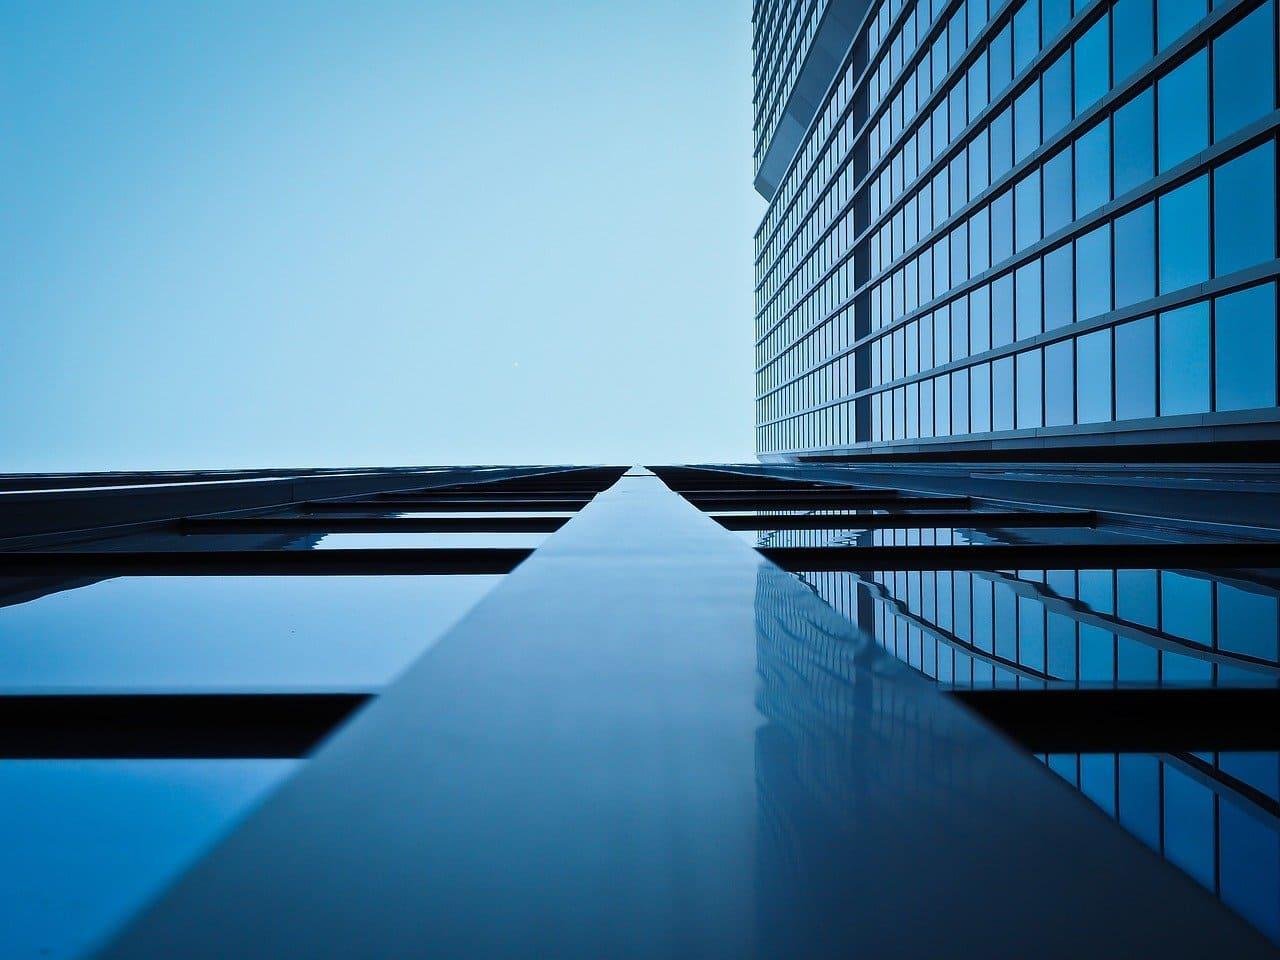 architecture-1048092_1280 (1)